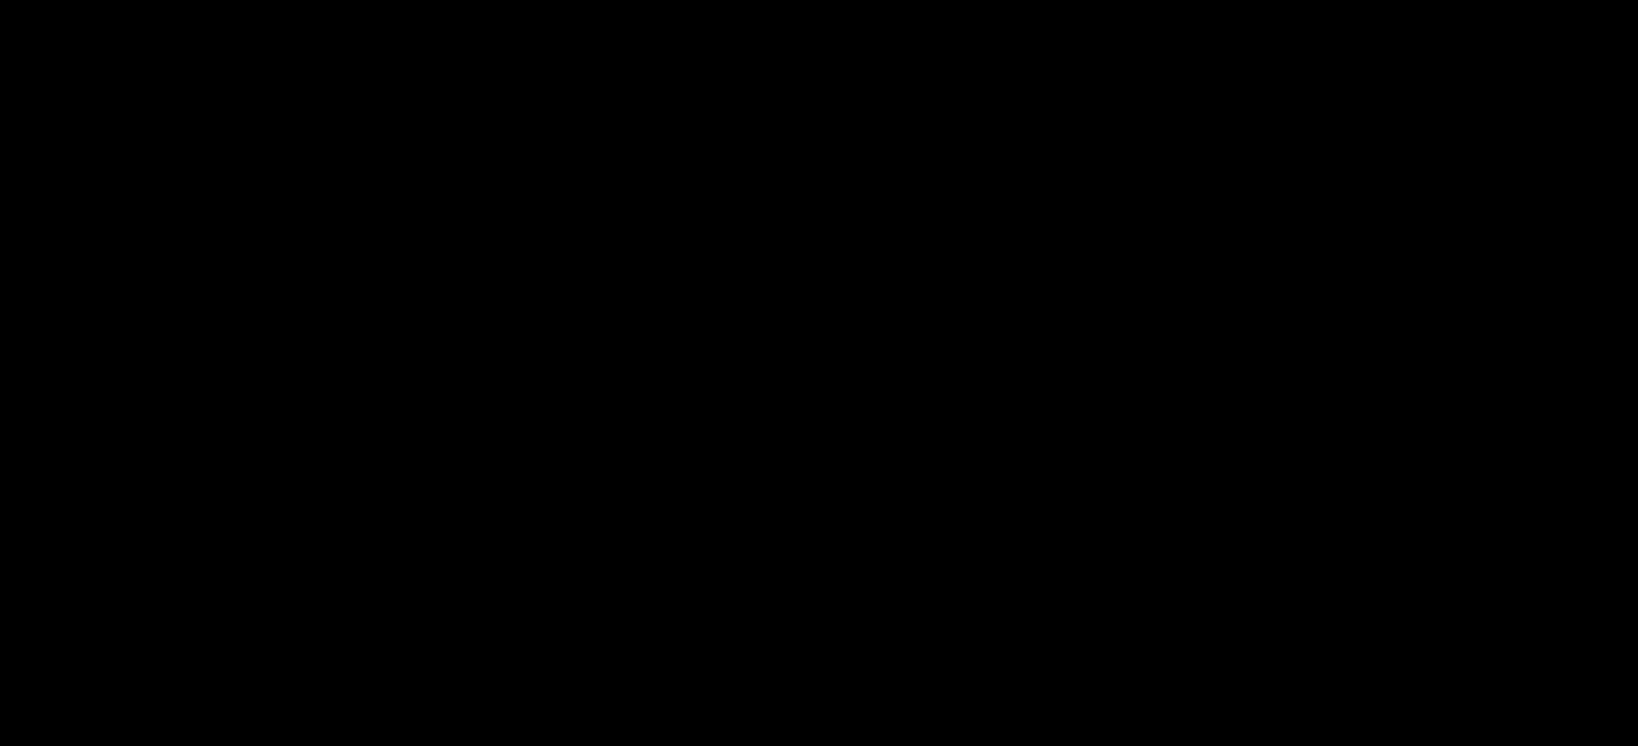 N-Caffeoyl-4,5-dihydroxyanthranilic acid